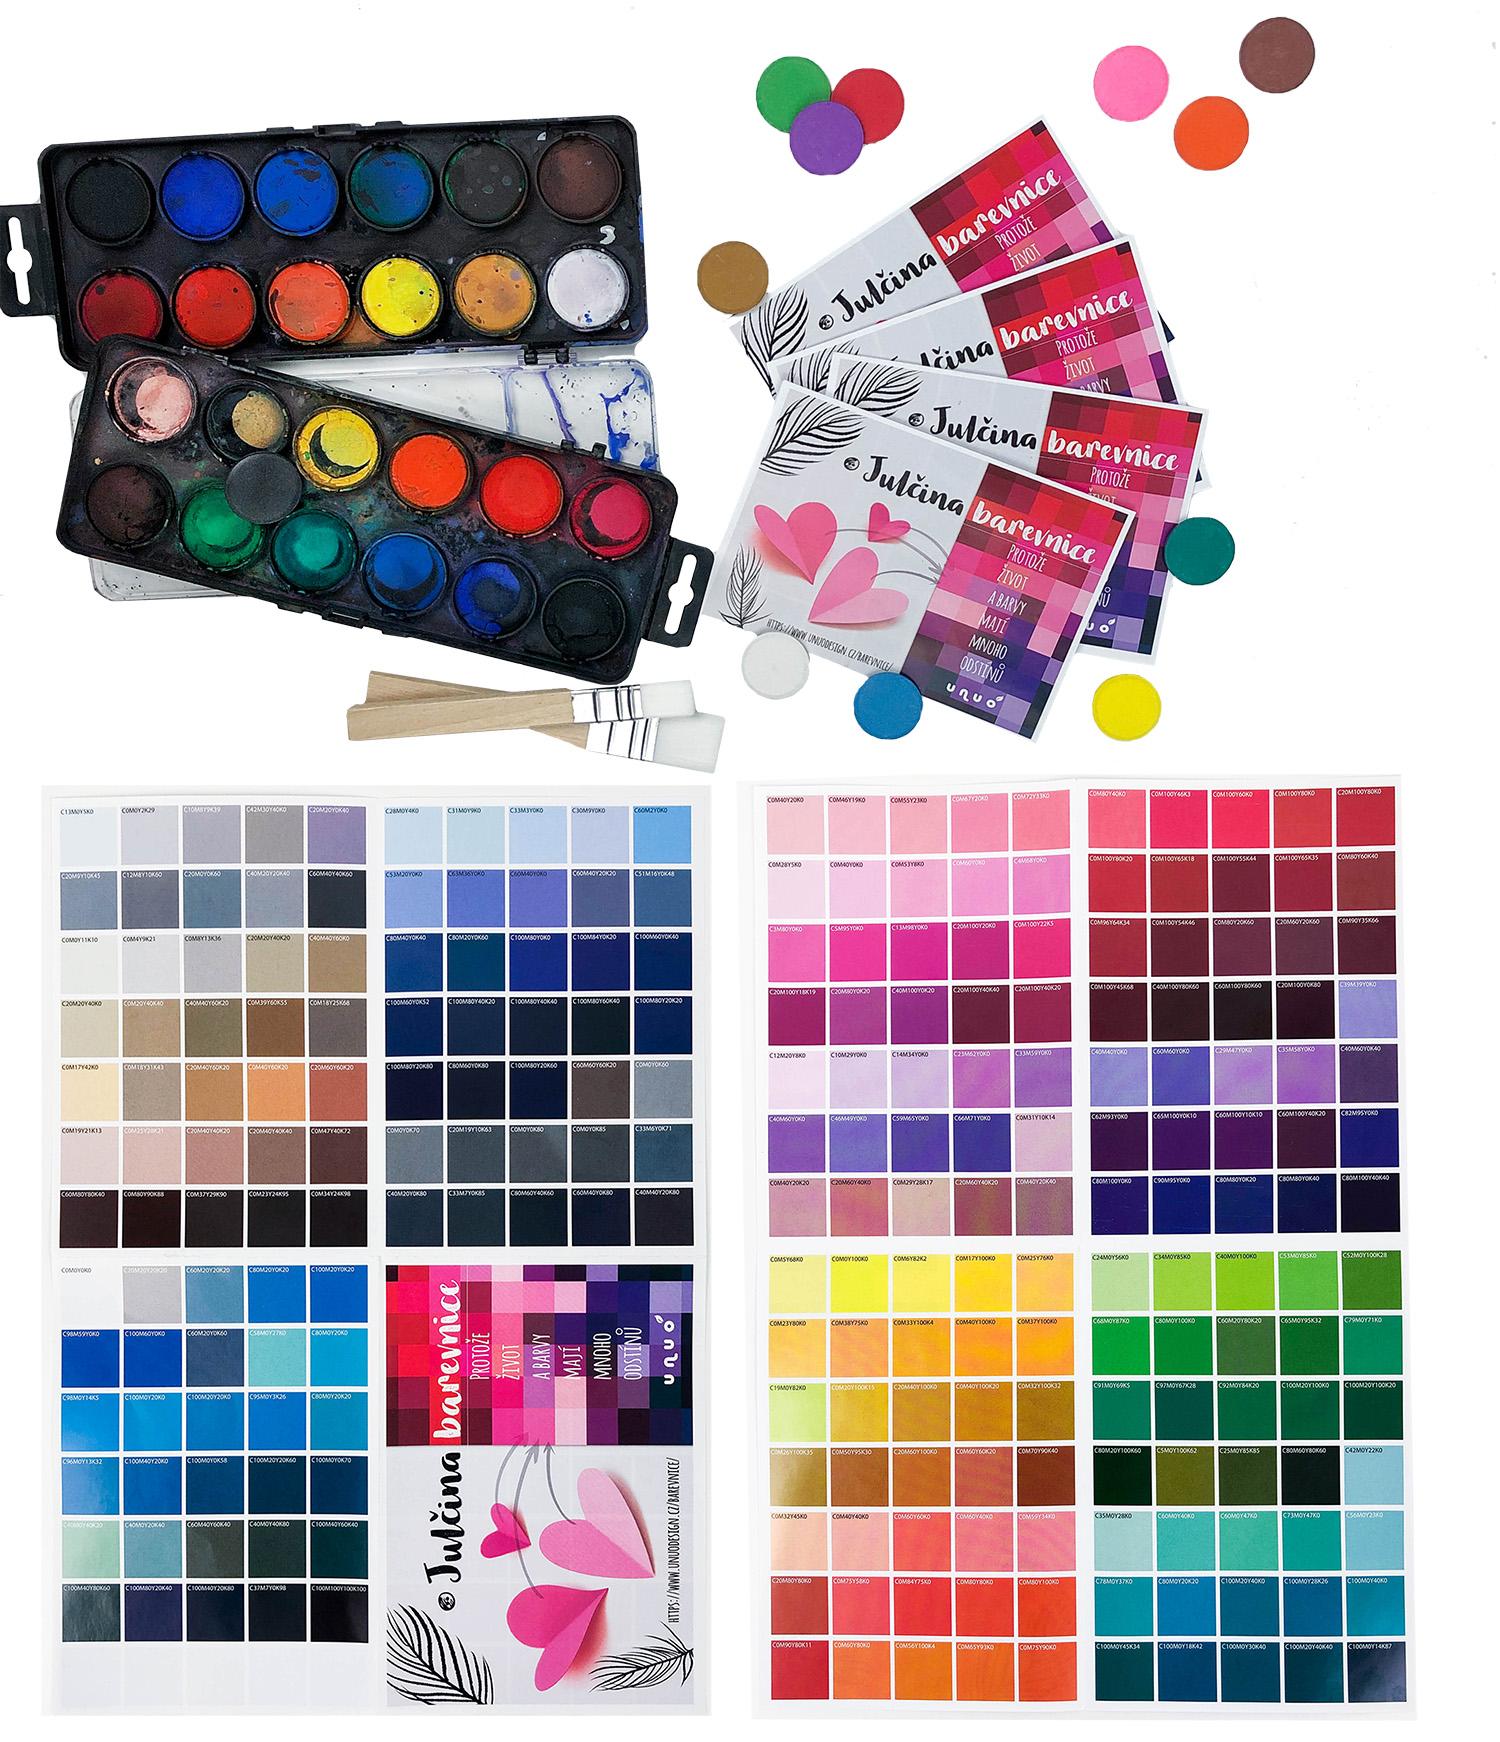 Julčina barevnice 2021